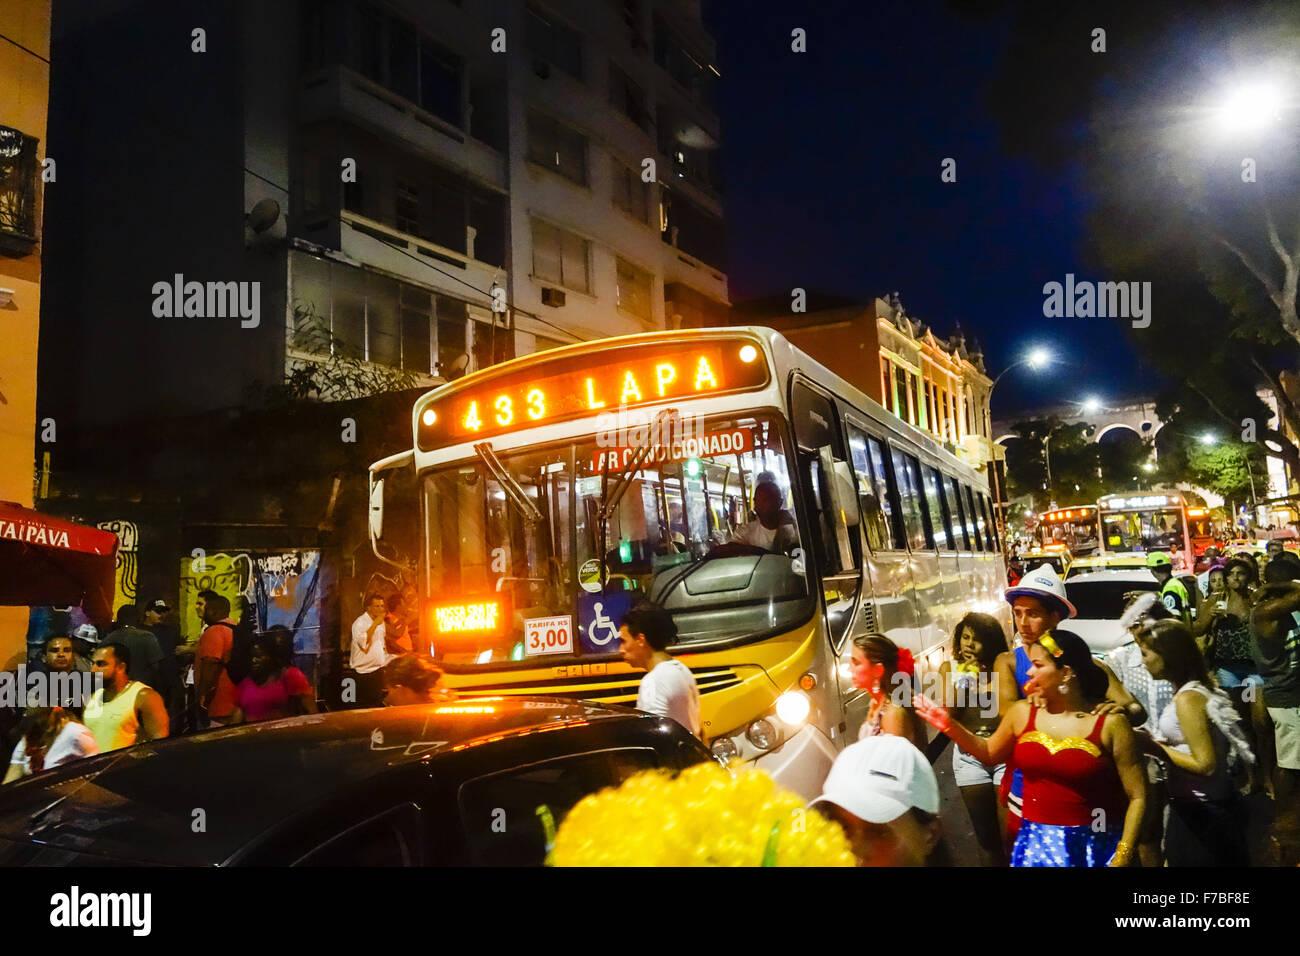 Río de Janeiro, Lapa, carnaval callejero, Brasil Imagen De Stock